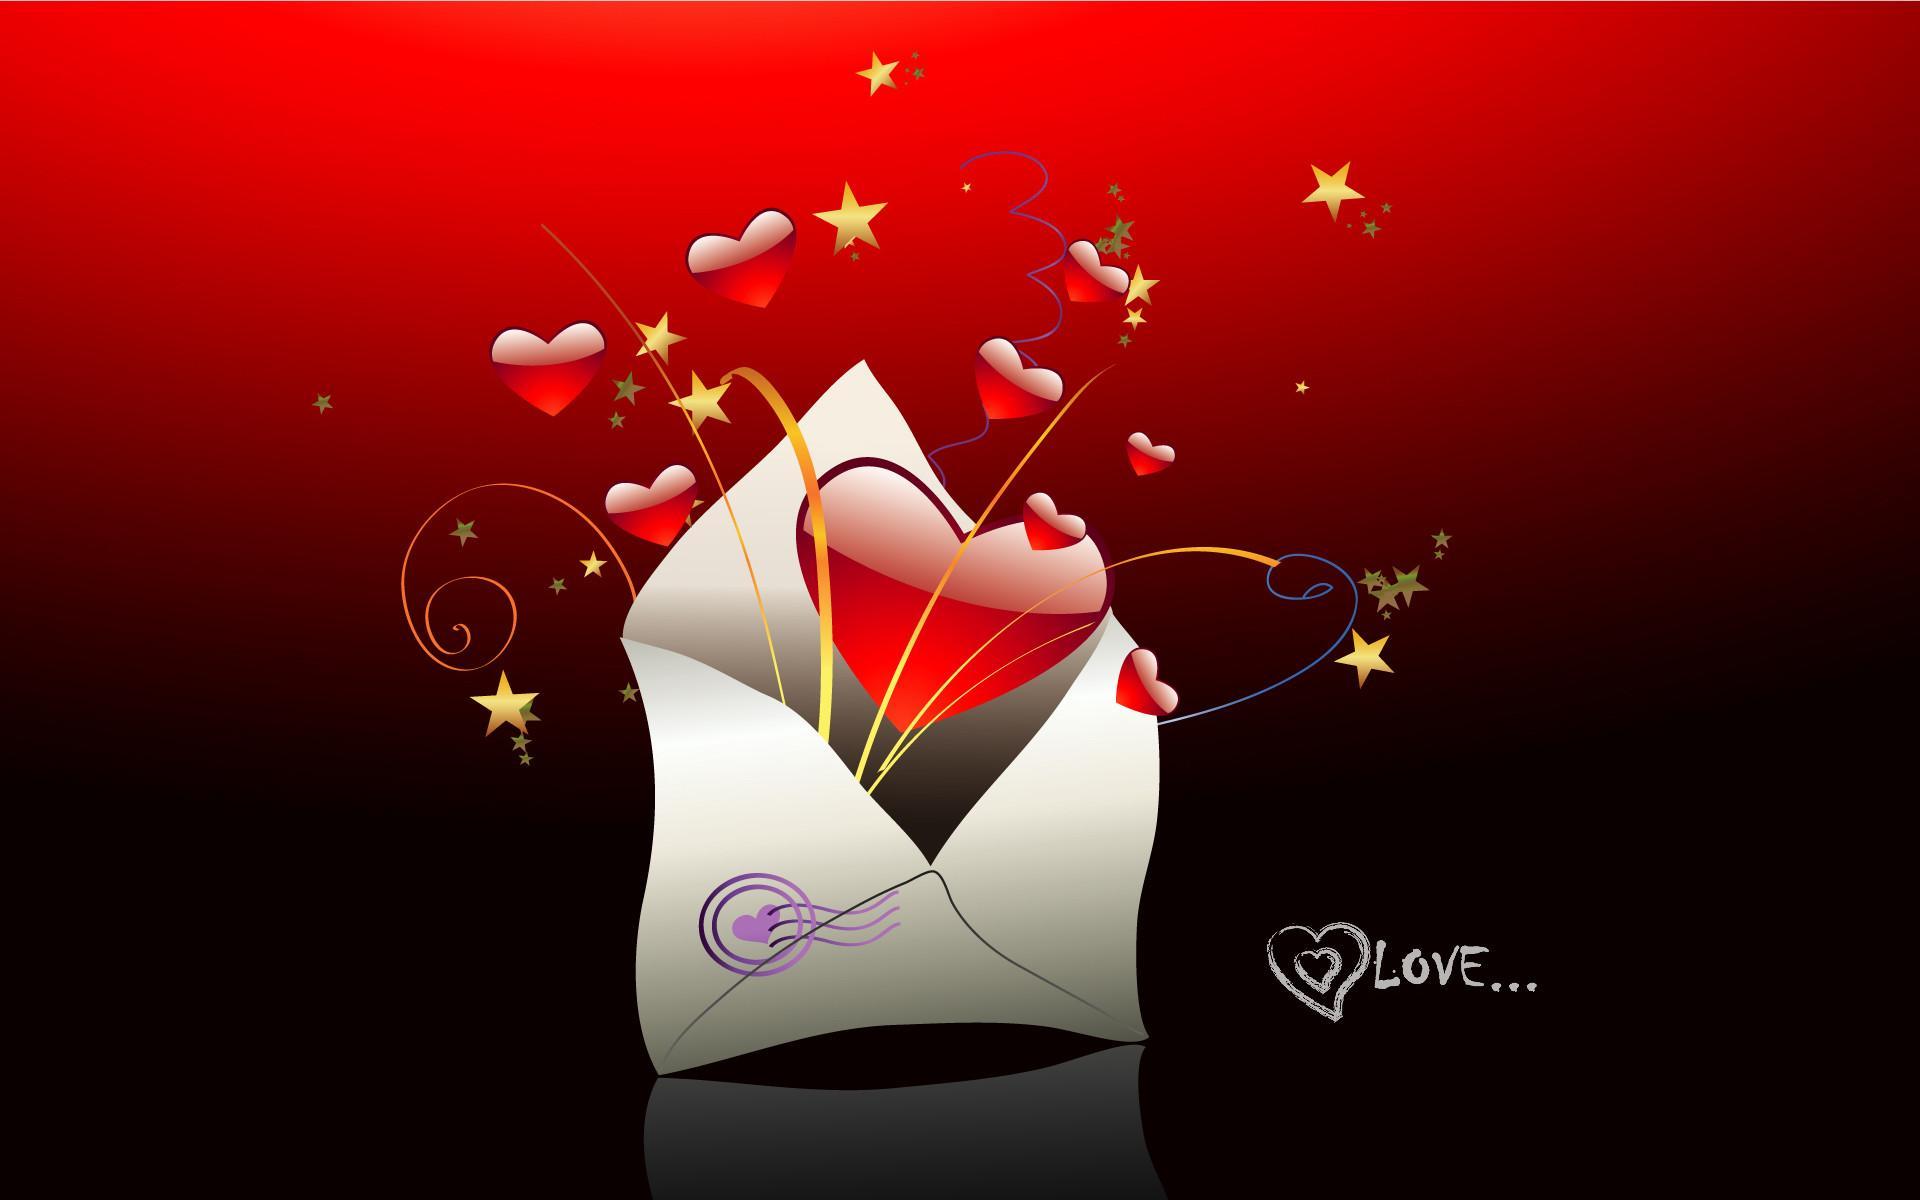 صور حب ورومانسية 13